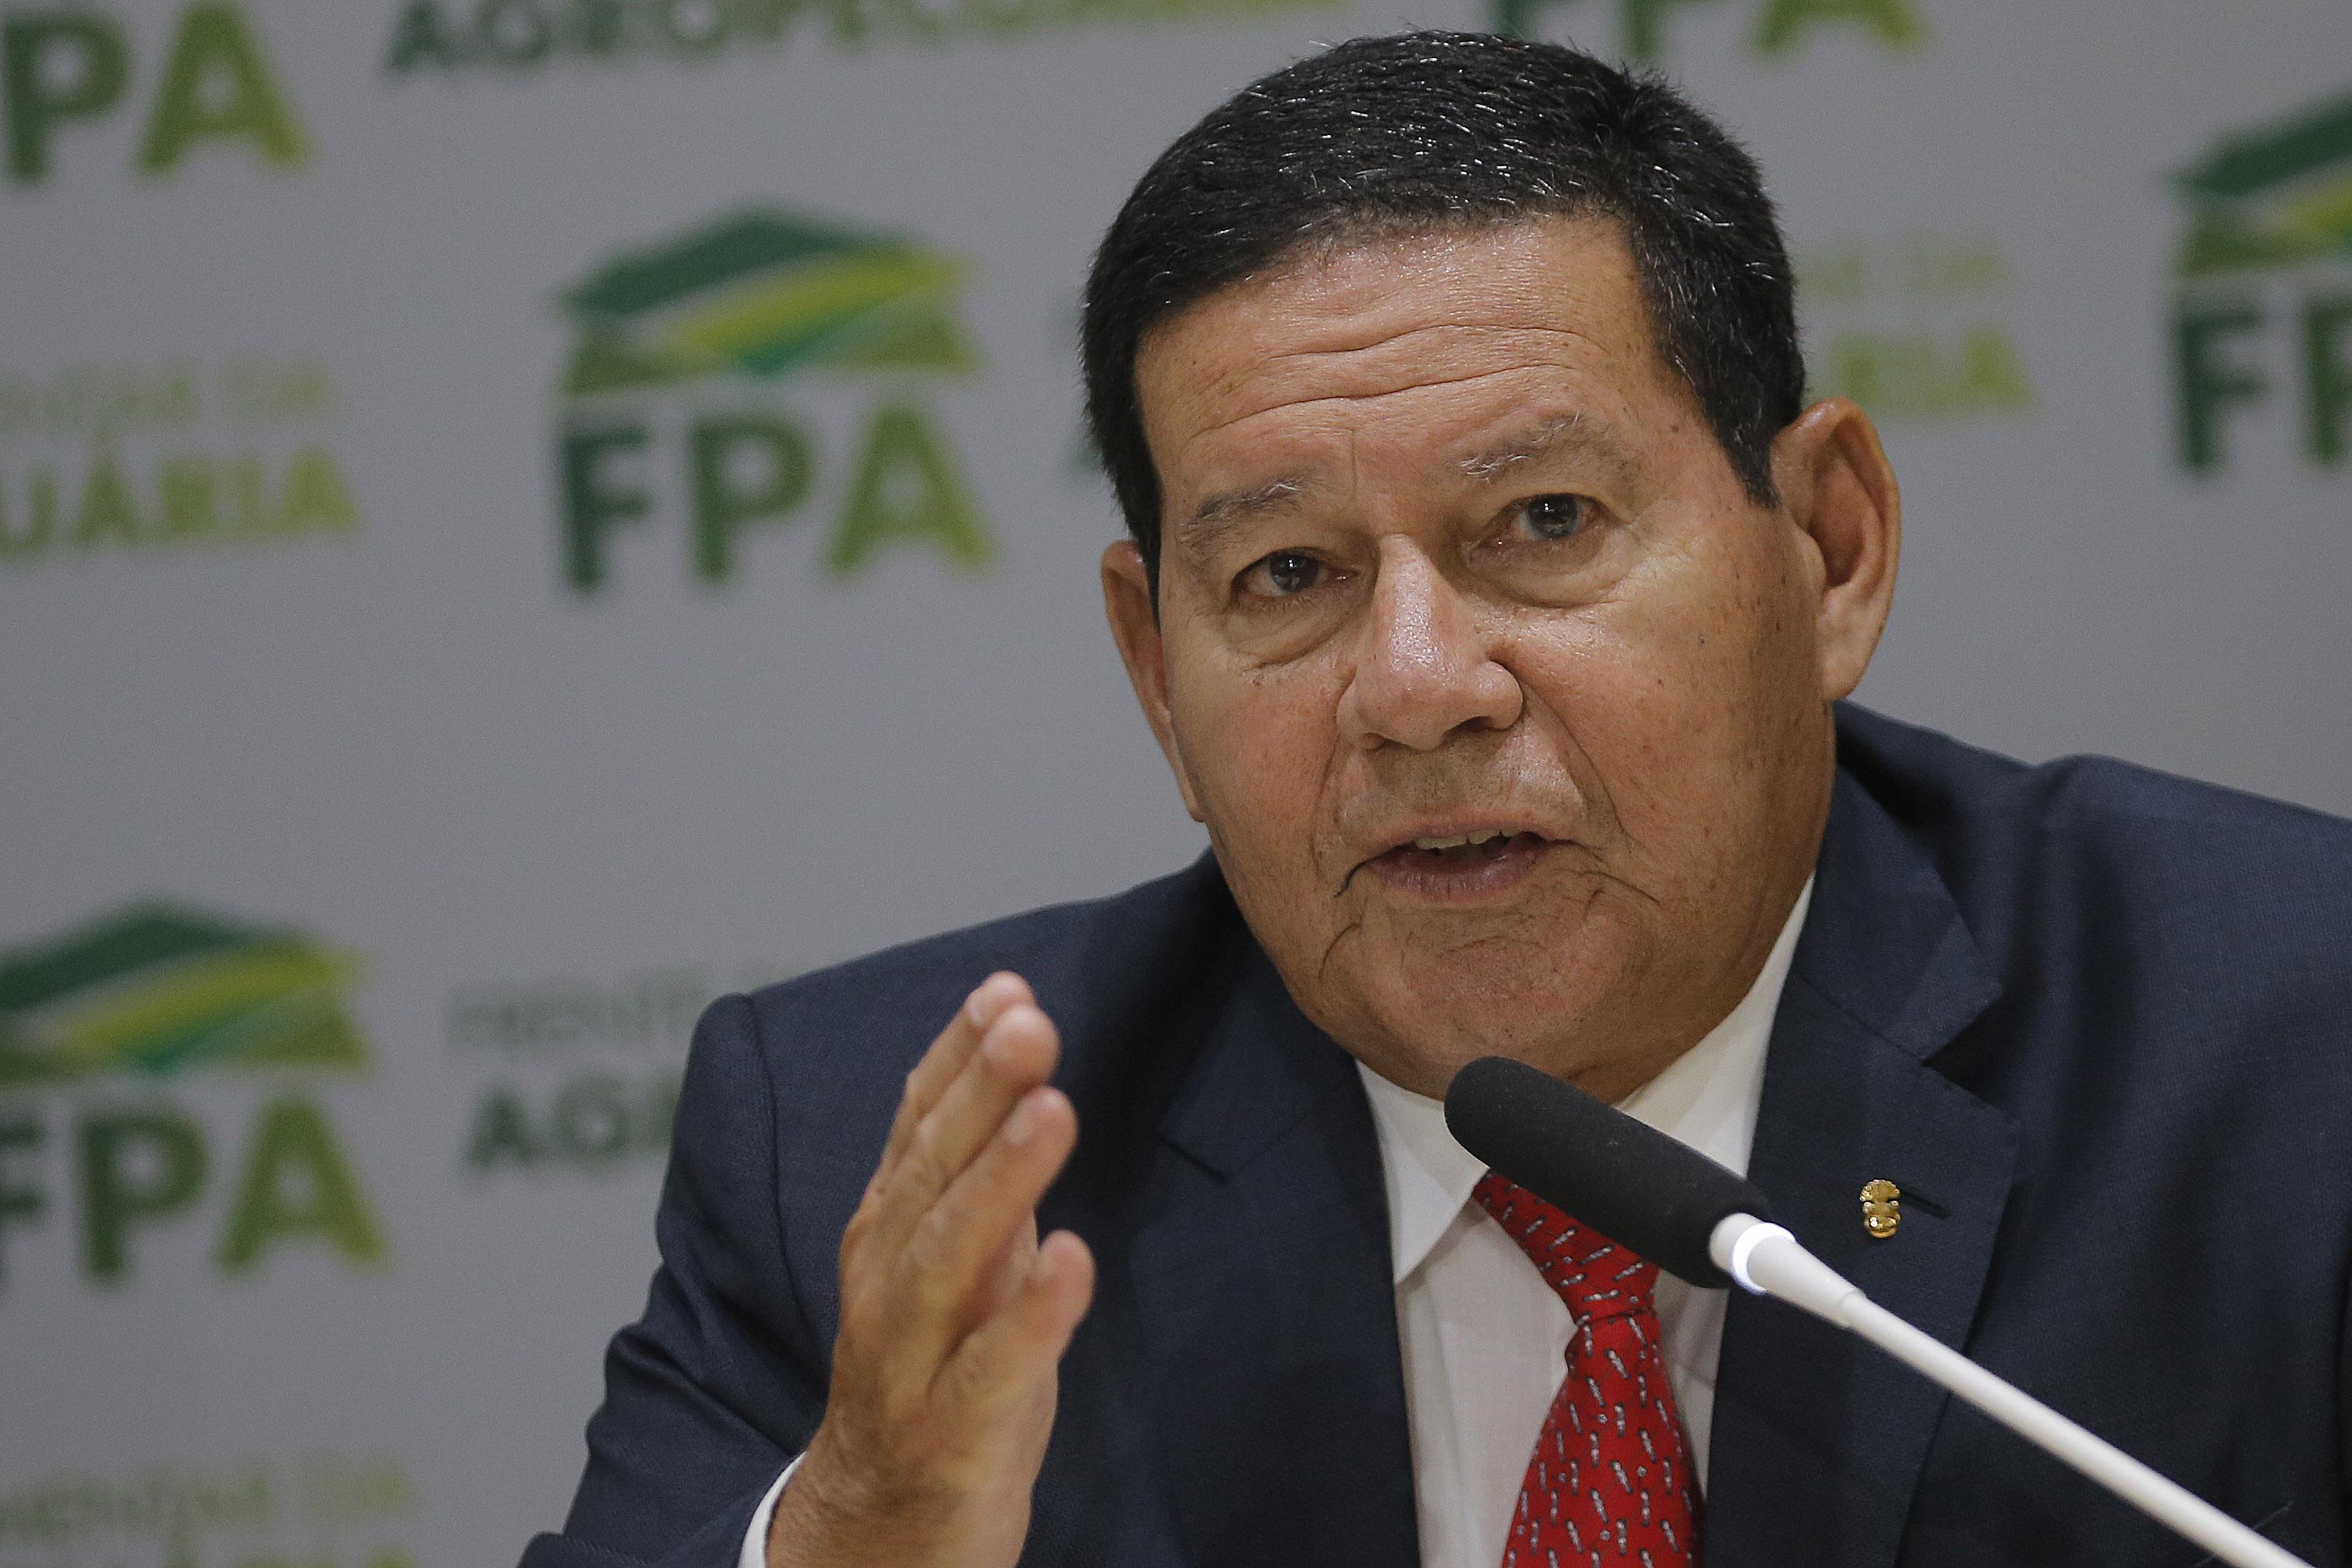 """IMAGEM: """"O Brasil responderá com a verdade"""", diz Mourão após críticas sobre Amazônia"""